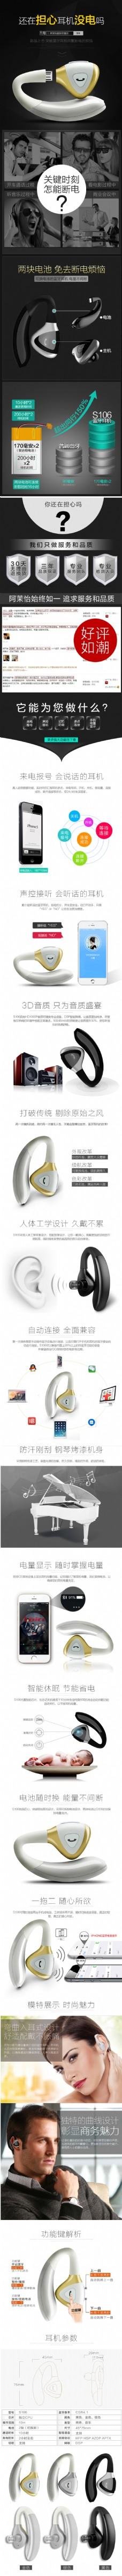 蓝牙耳机详情S106